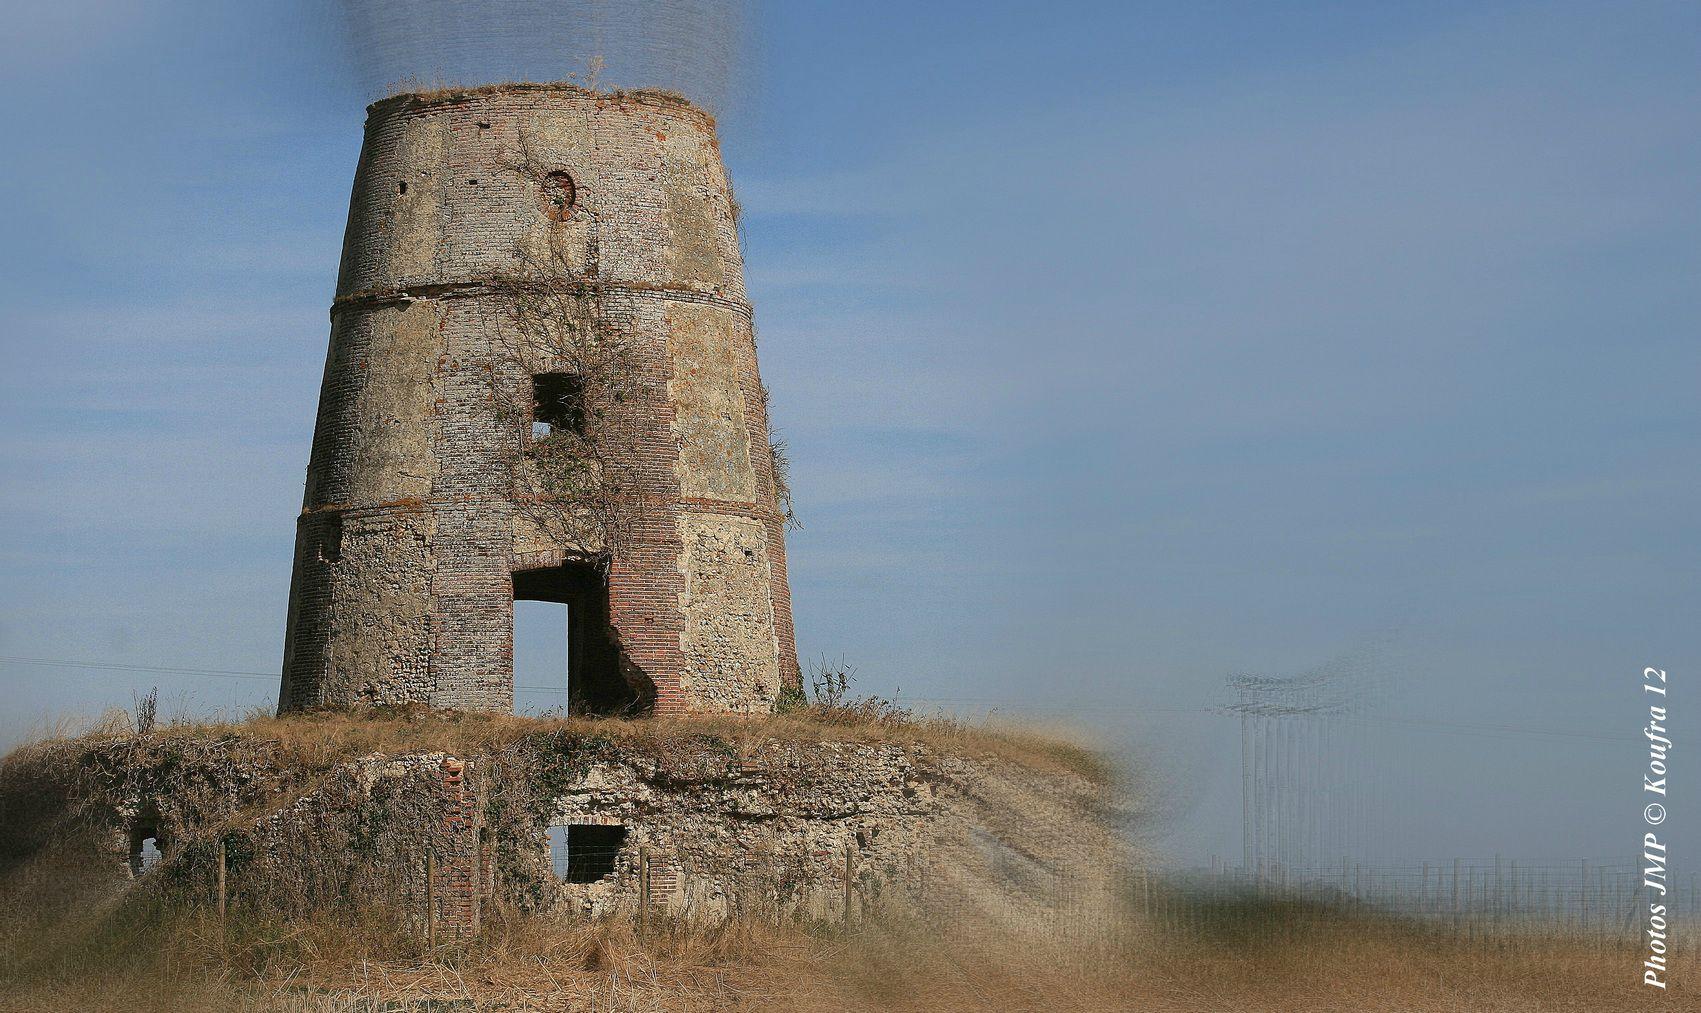 Photographie artistique du vieux moulin en ruines de Crucey